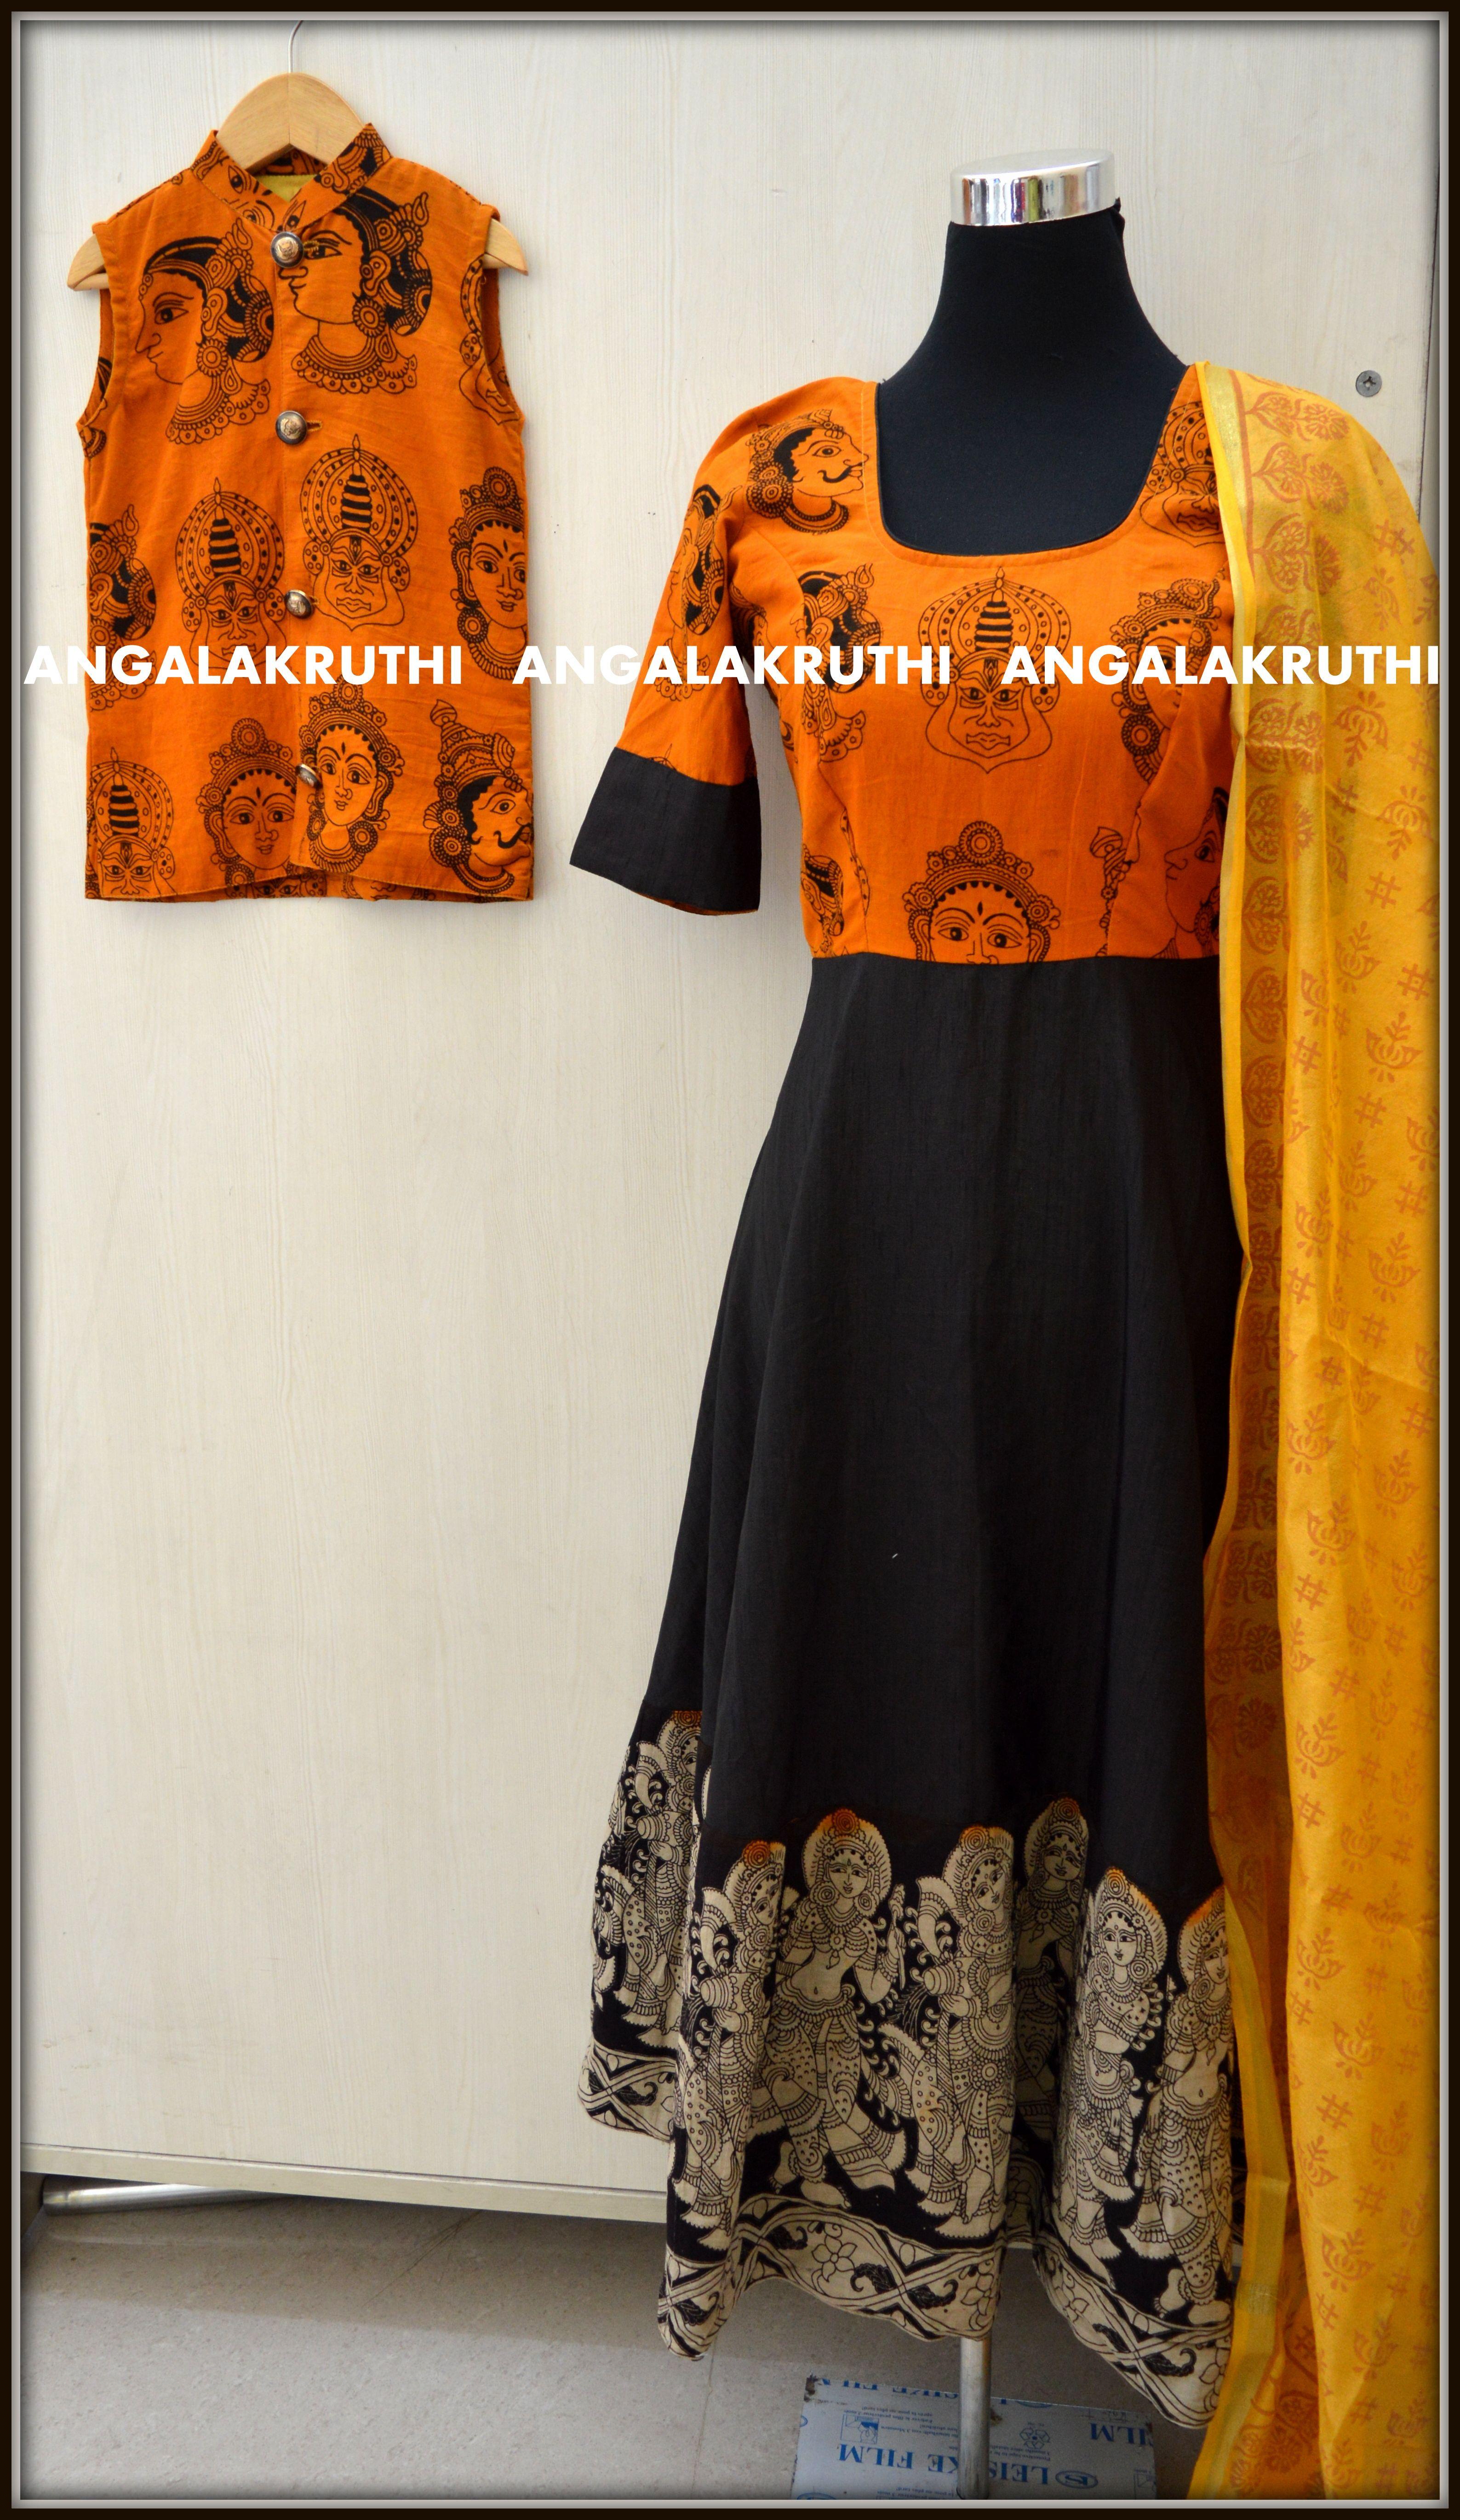 Kalamkari Designs By Angalakruthi Ladies And Kids Designer